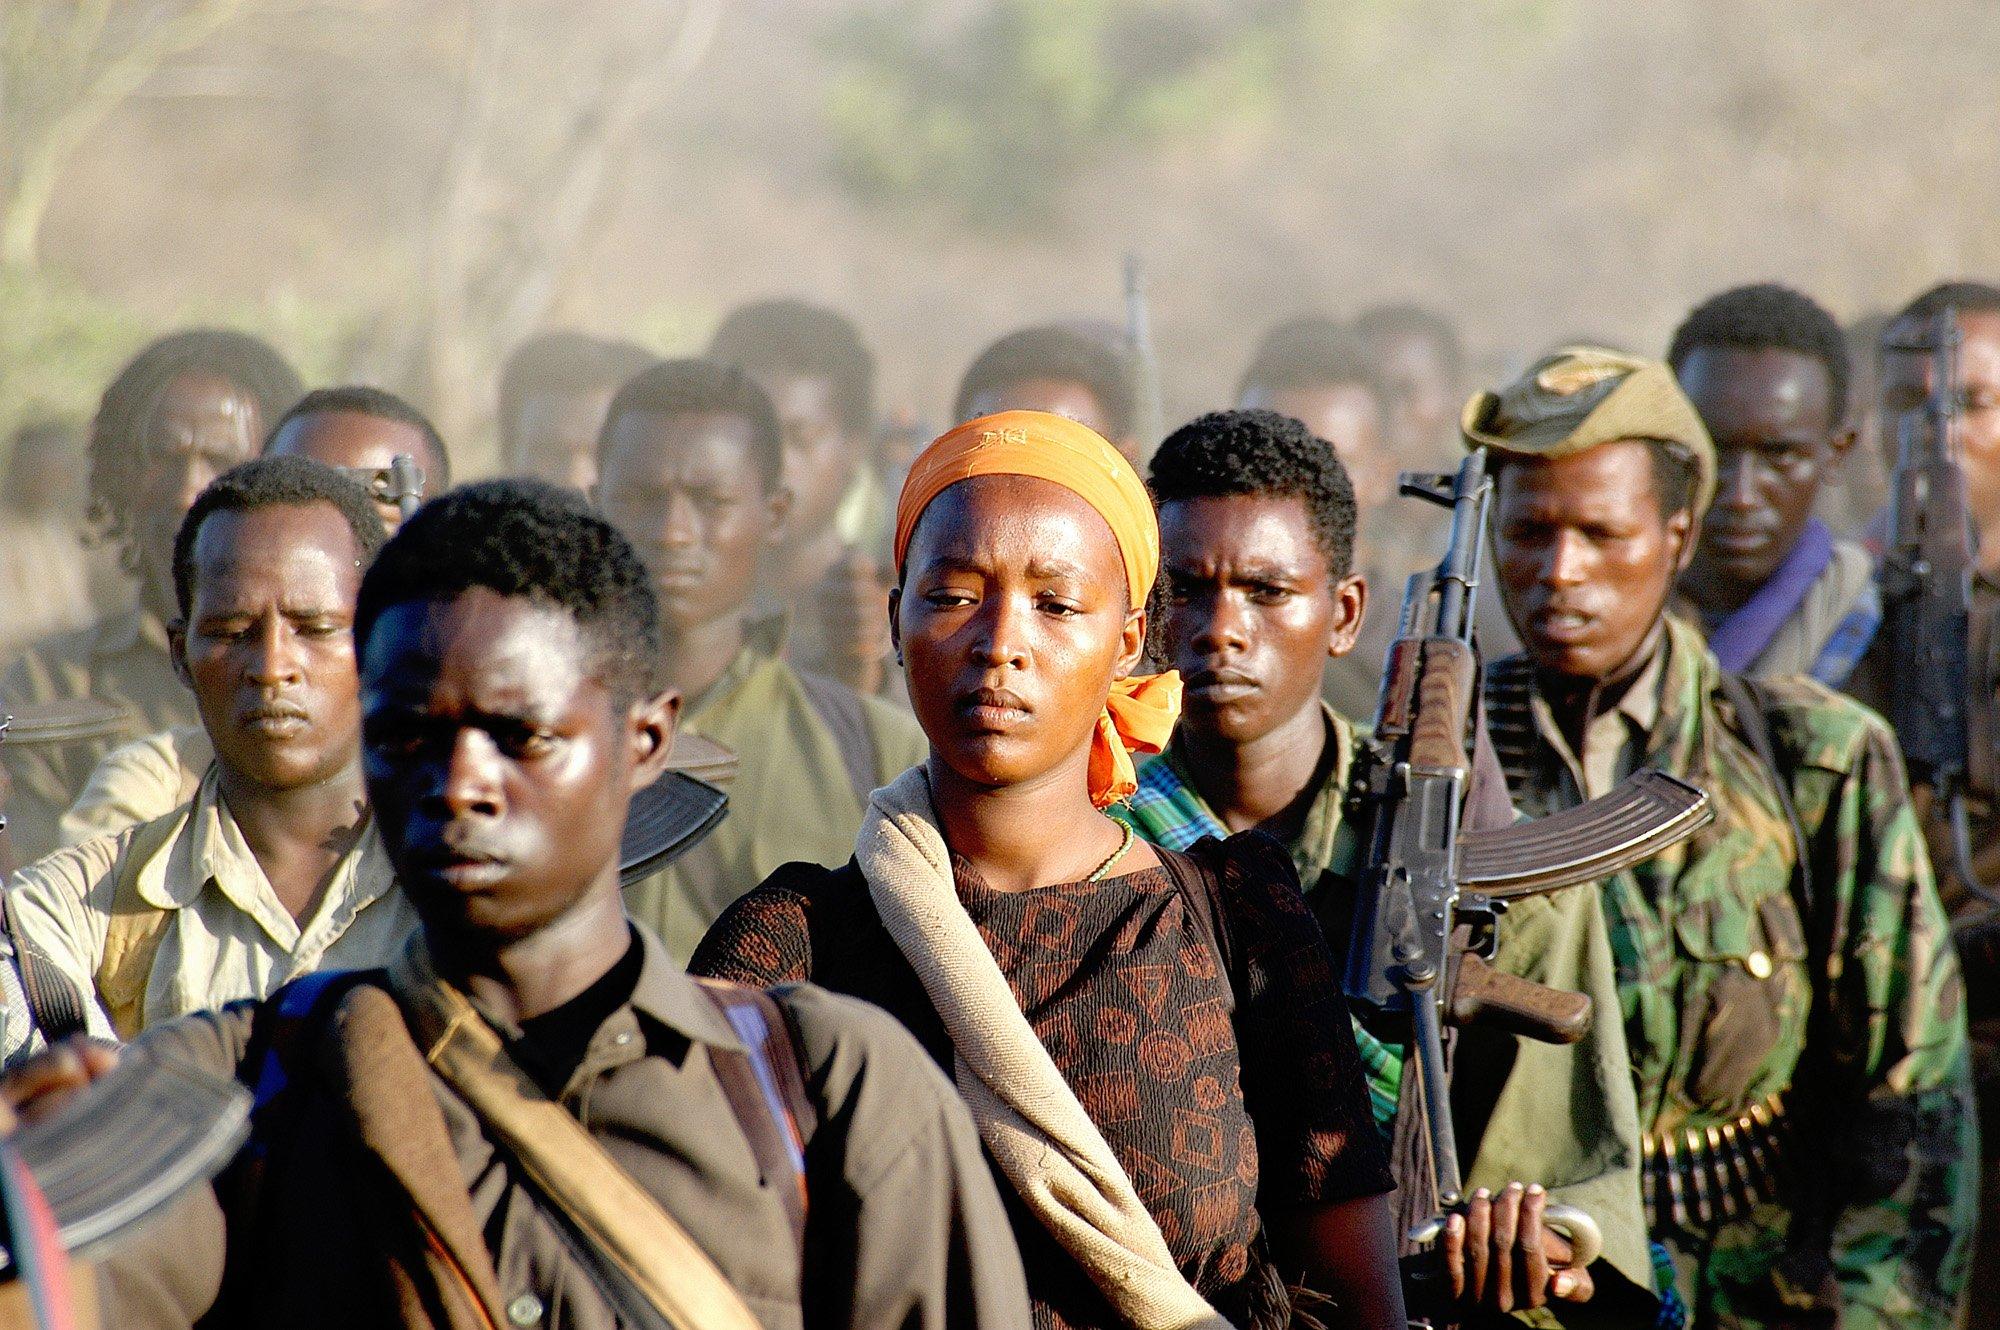 Los rebeldes del OLF se están reagrupando en el norte de Kenia, 2006, por Jonathan Alpeyrie